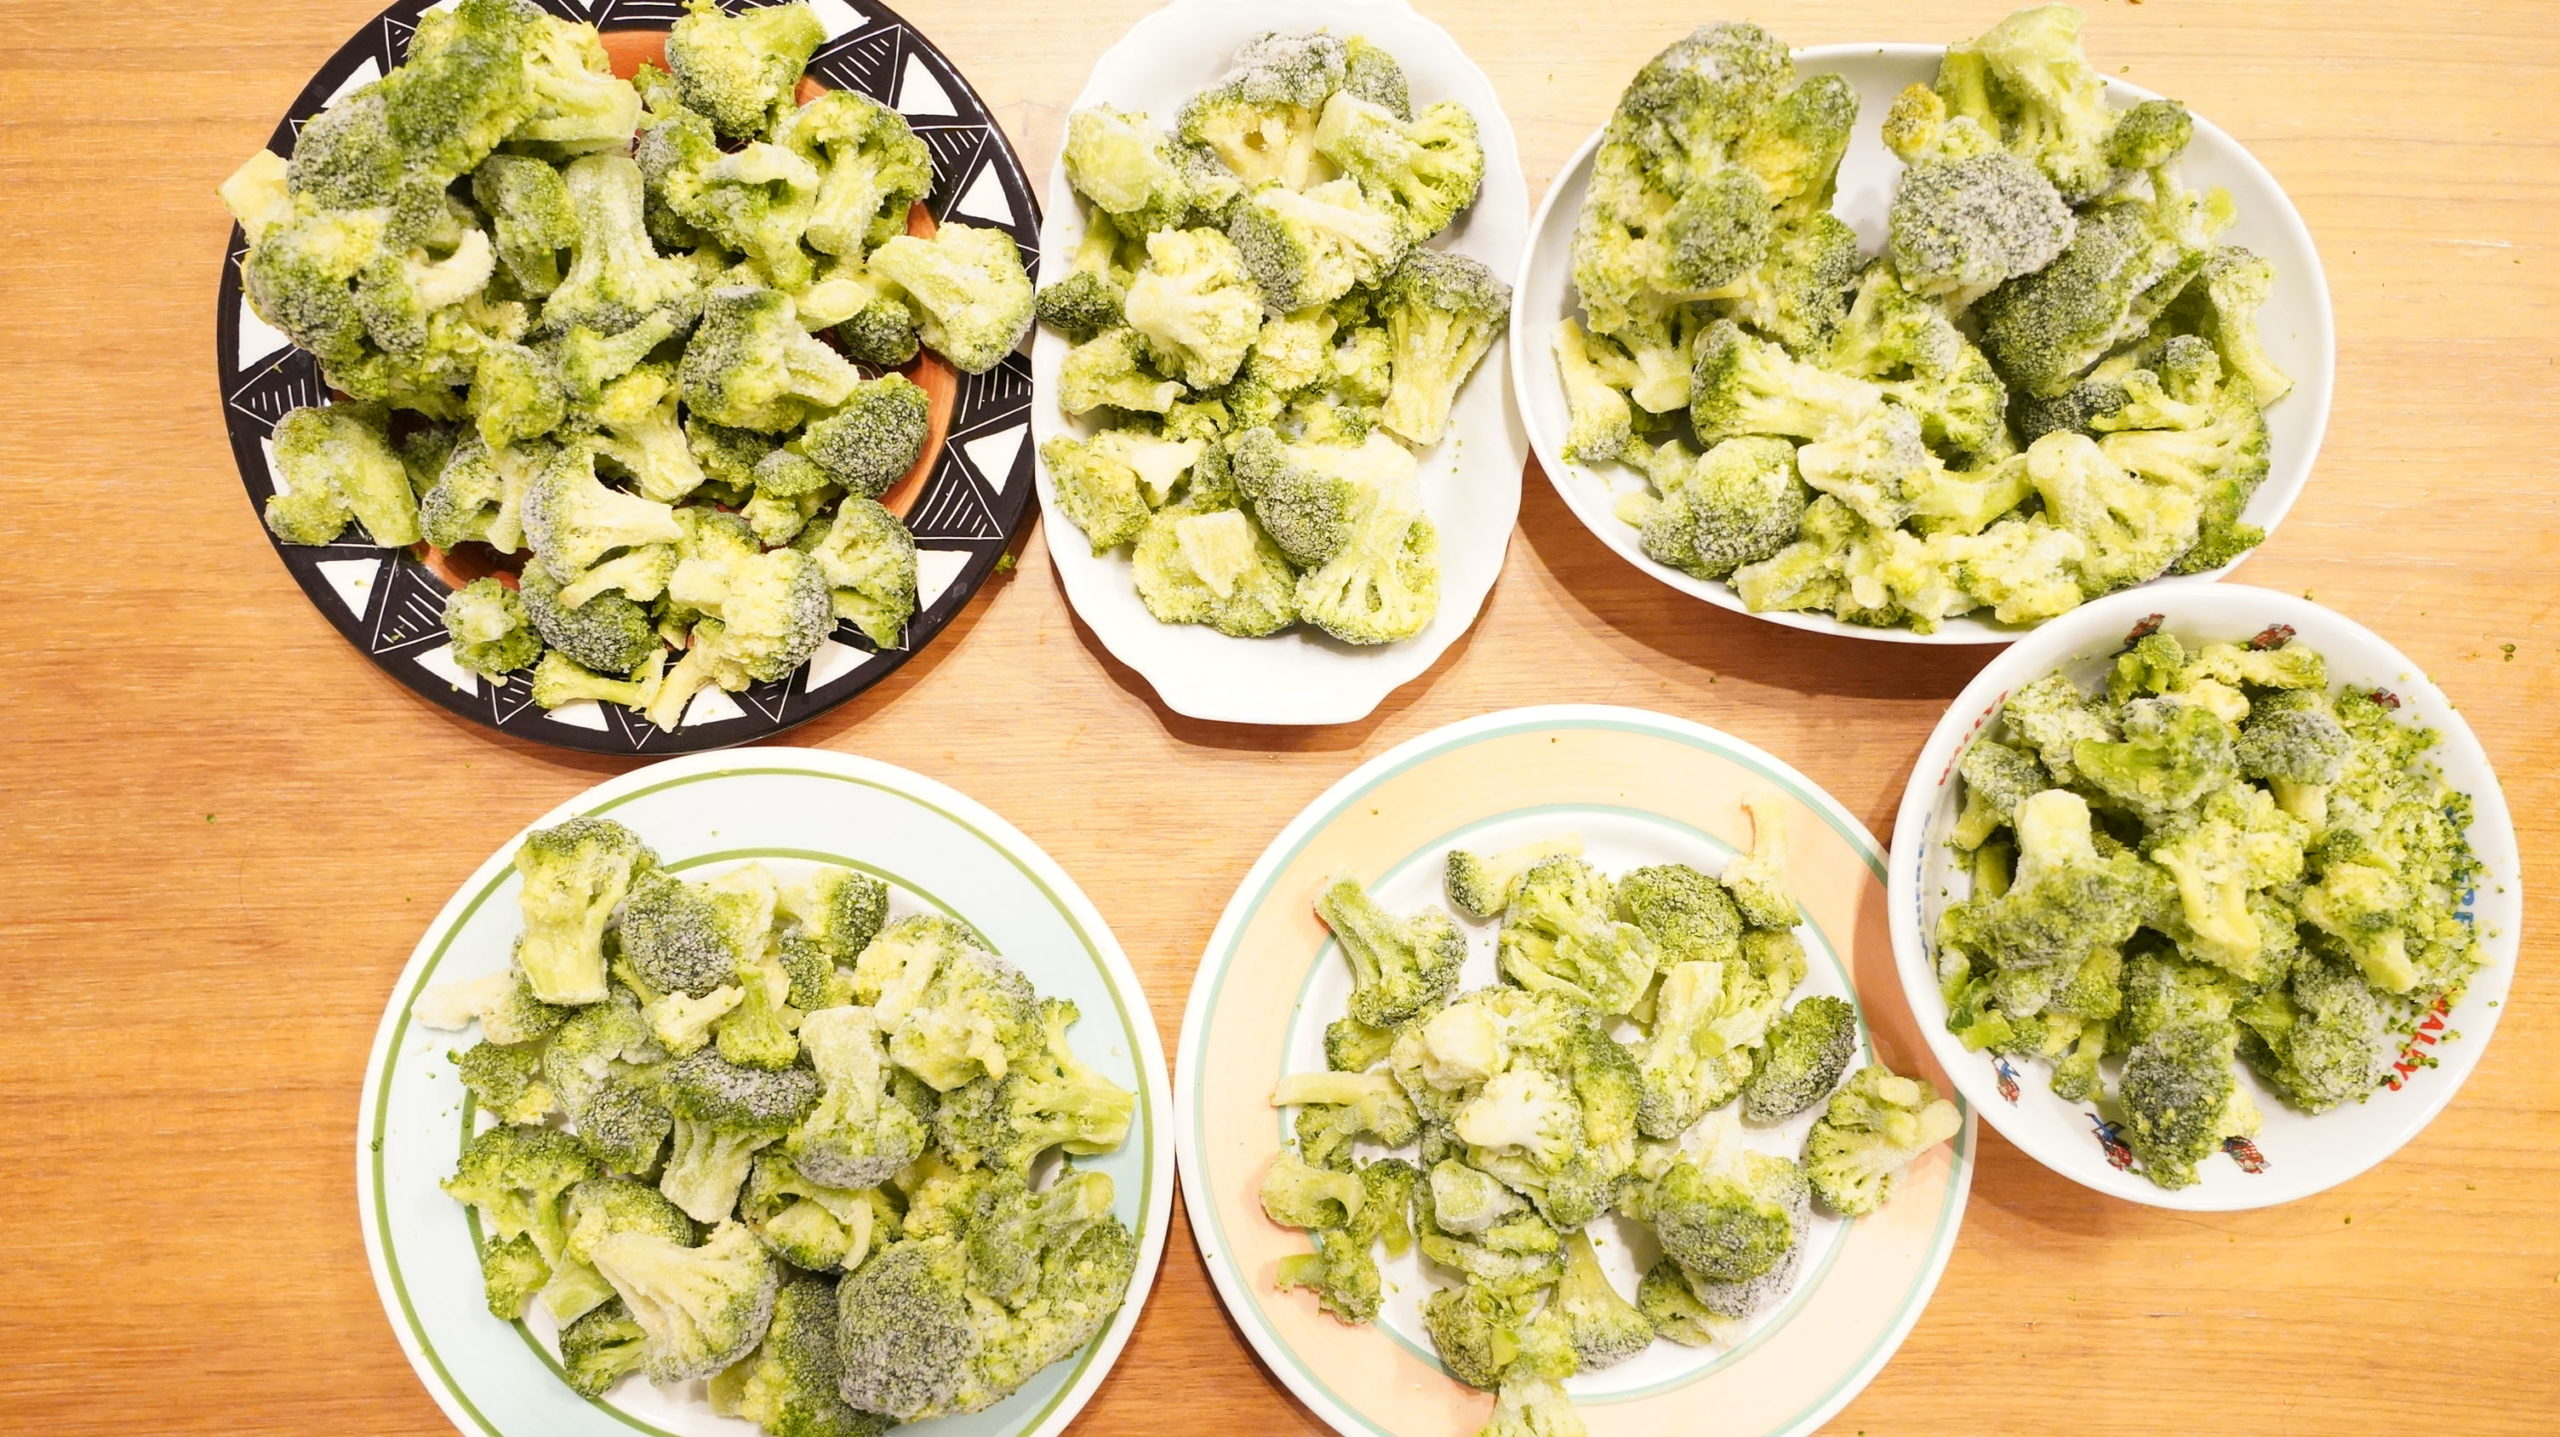 コストコのおすすめ冷凍食品「ブロッコリー100%ナチュラル」の中身2.27kgを並べた写真